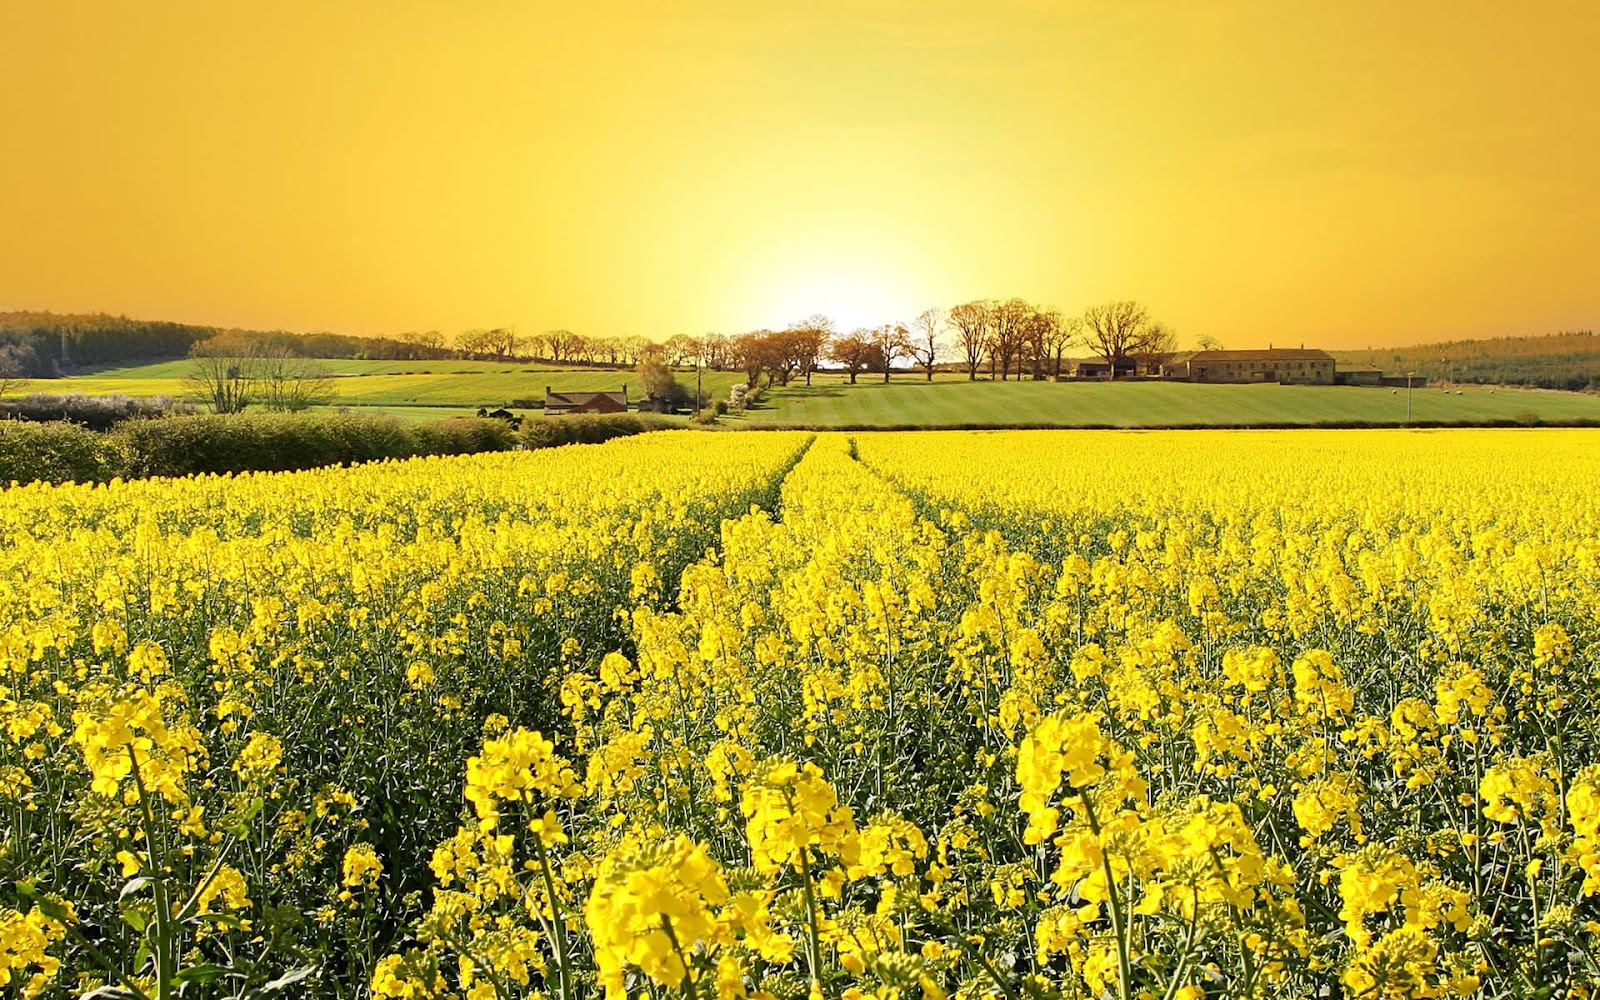 lente achtergronden hd - photo #21